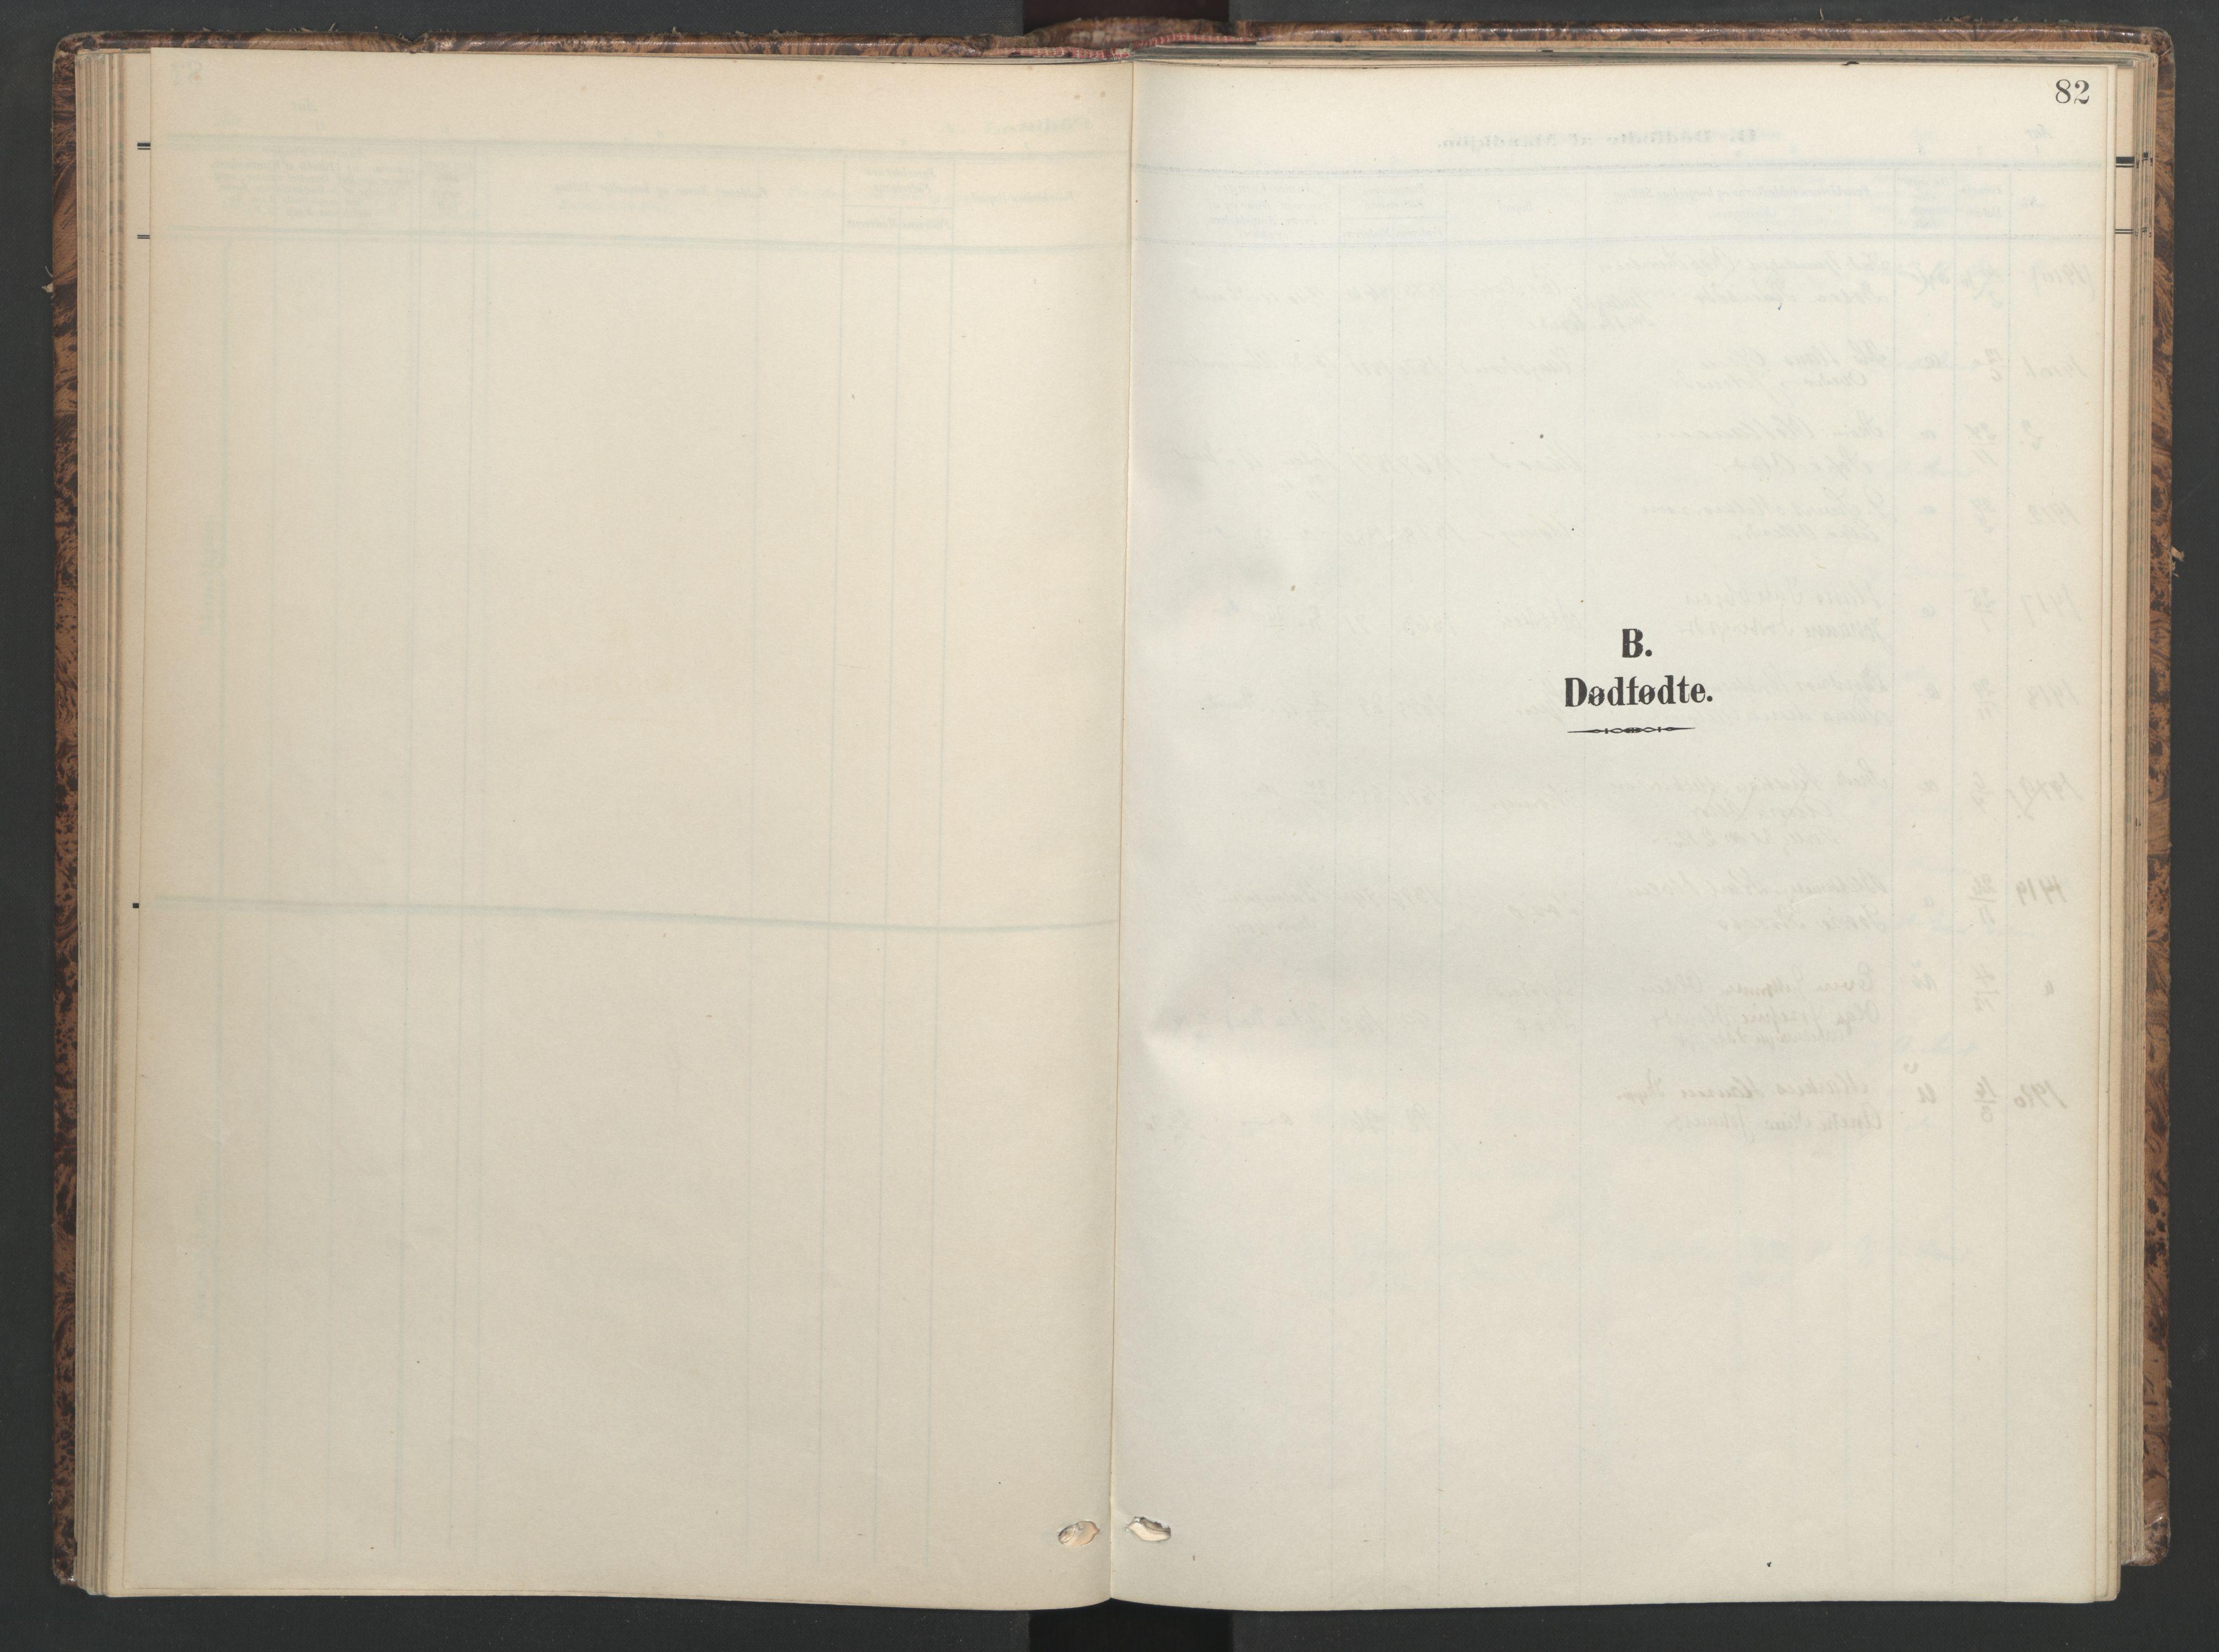 SAT, Ministerialprotokoller, klokkerbøker og fødselsregistre - Sør-Trøndelag, 655/L0682: Ministerialbok nr. 655A11, 1908-1922, s. 82